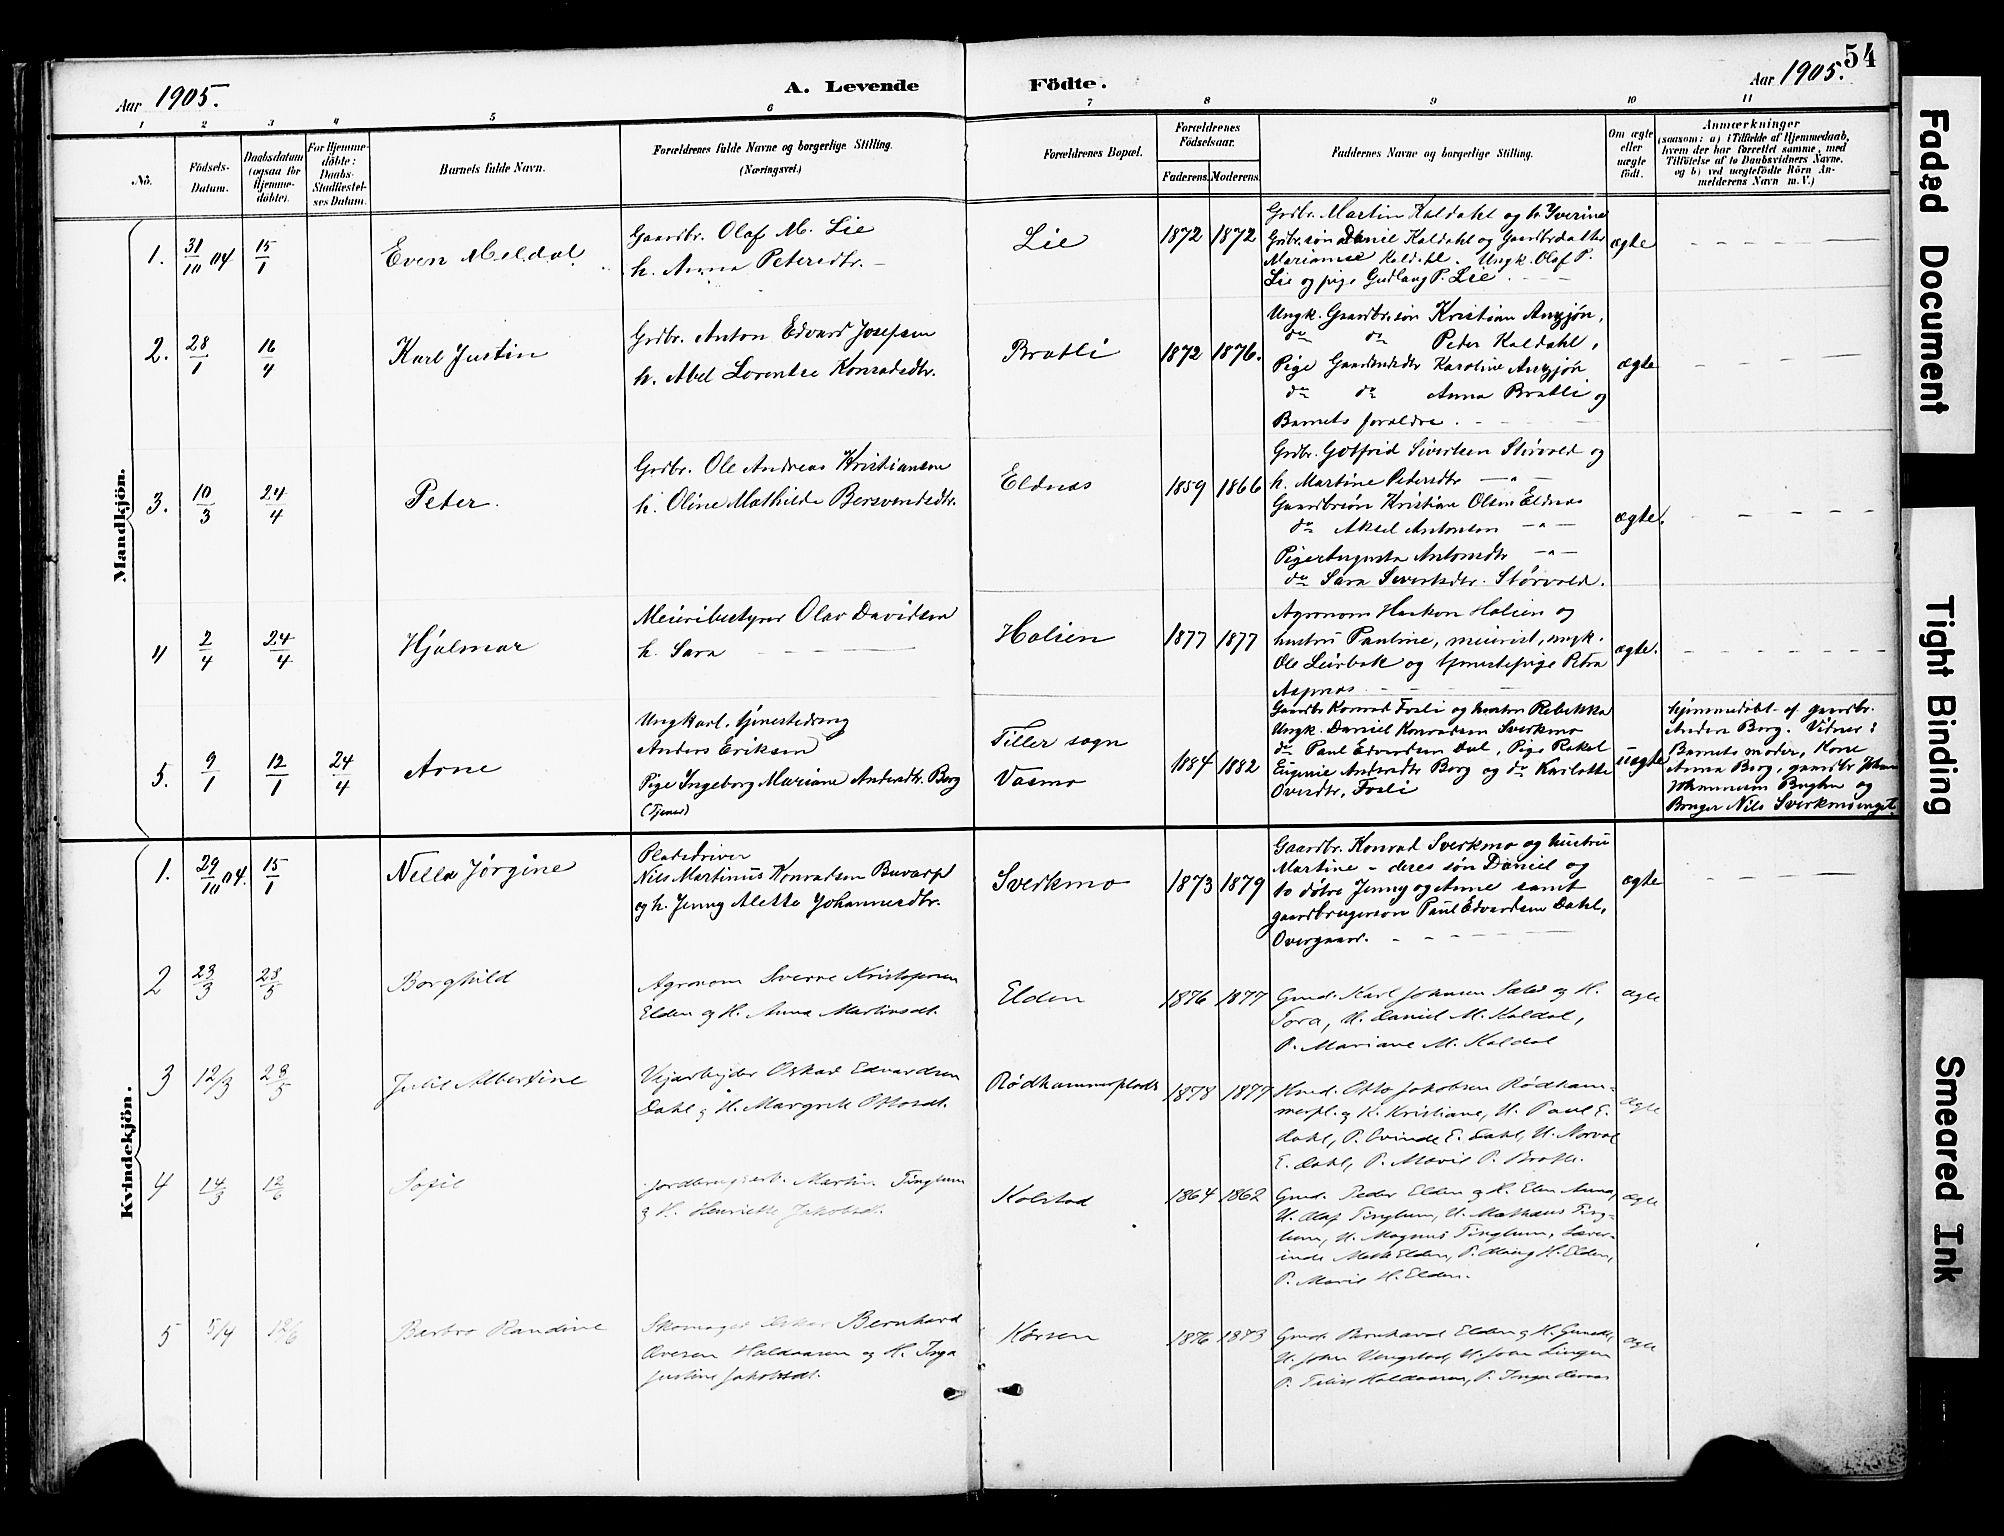 SAT, Ministerialprotokoller, klokkerbøker og fødselsregistre - Nord-Trøndelag, 742/L0409: Ministerialbok nr. 742A02, 1891-1905, s. 54